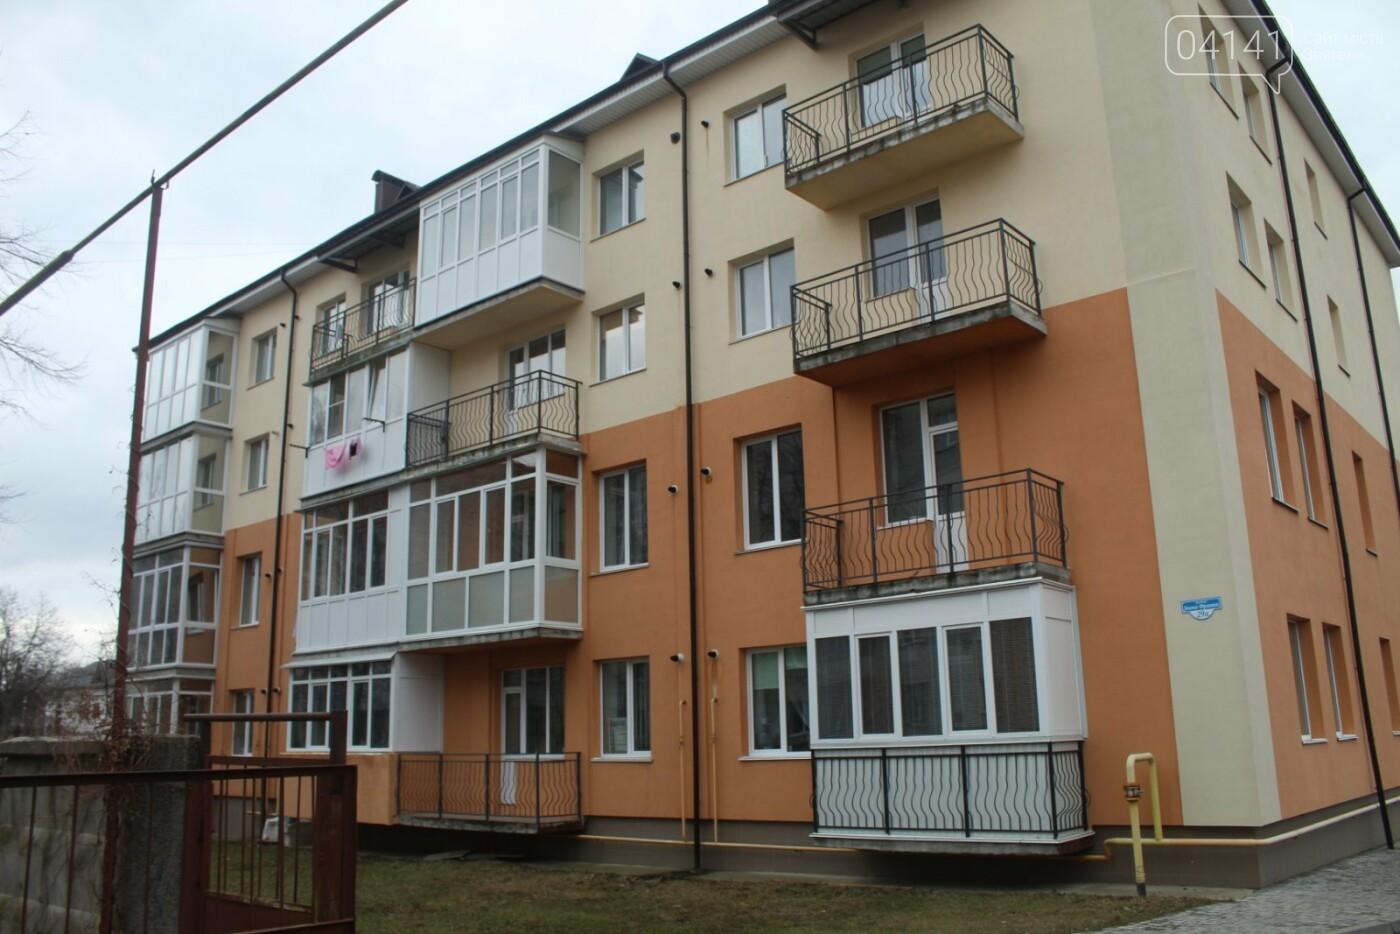 Як виглядають новобудови Новограда-Волинського (ФОТОРЕПОРТАЖ), фото-16